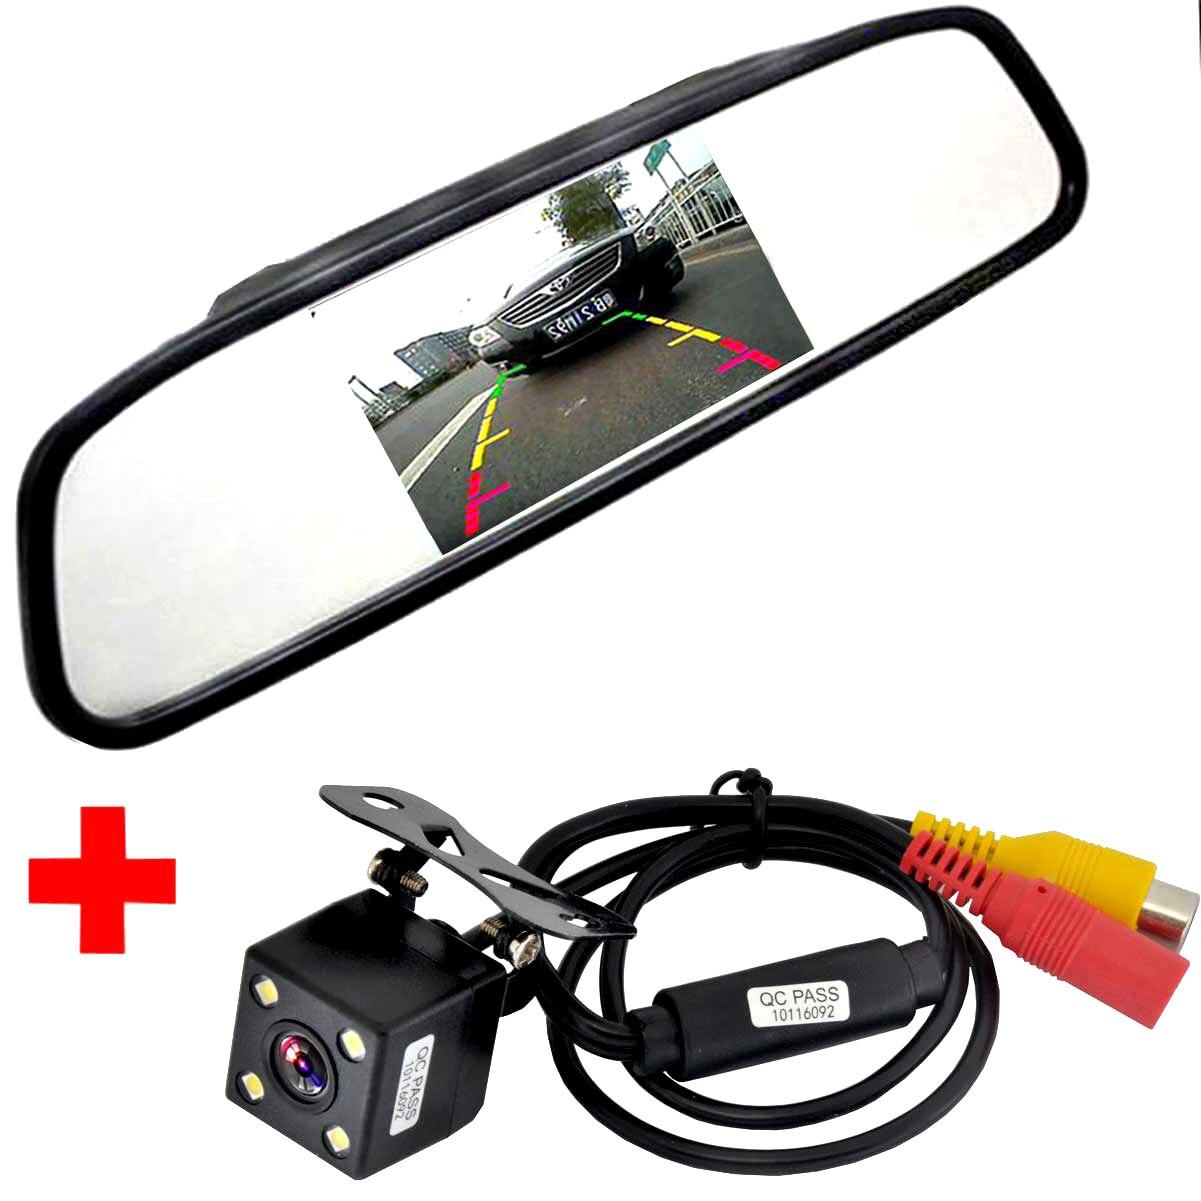 سيارة HD فيديو السيارات شاشة للمساعدة في ركن السيارة بسهولة ، LED للرؤية الليلية عكس CCD سيارة كاميرا الرؤية الخلفية مع 4.3 بوصة سيارة مرآة الرؤية ...